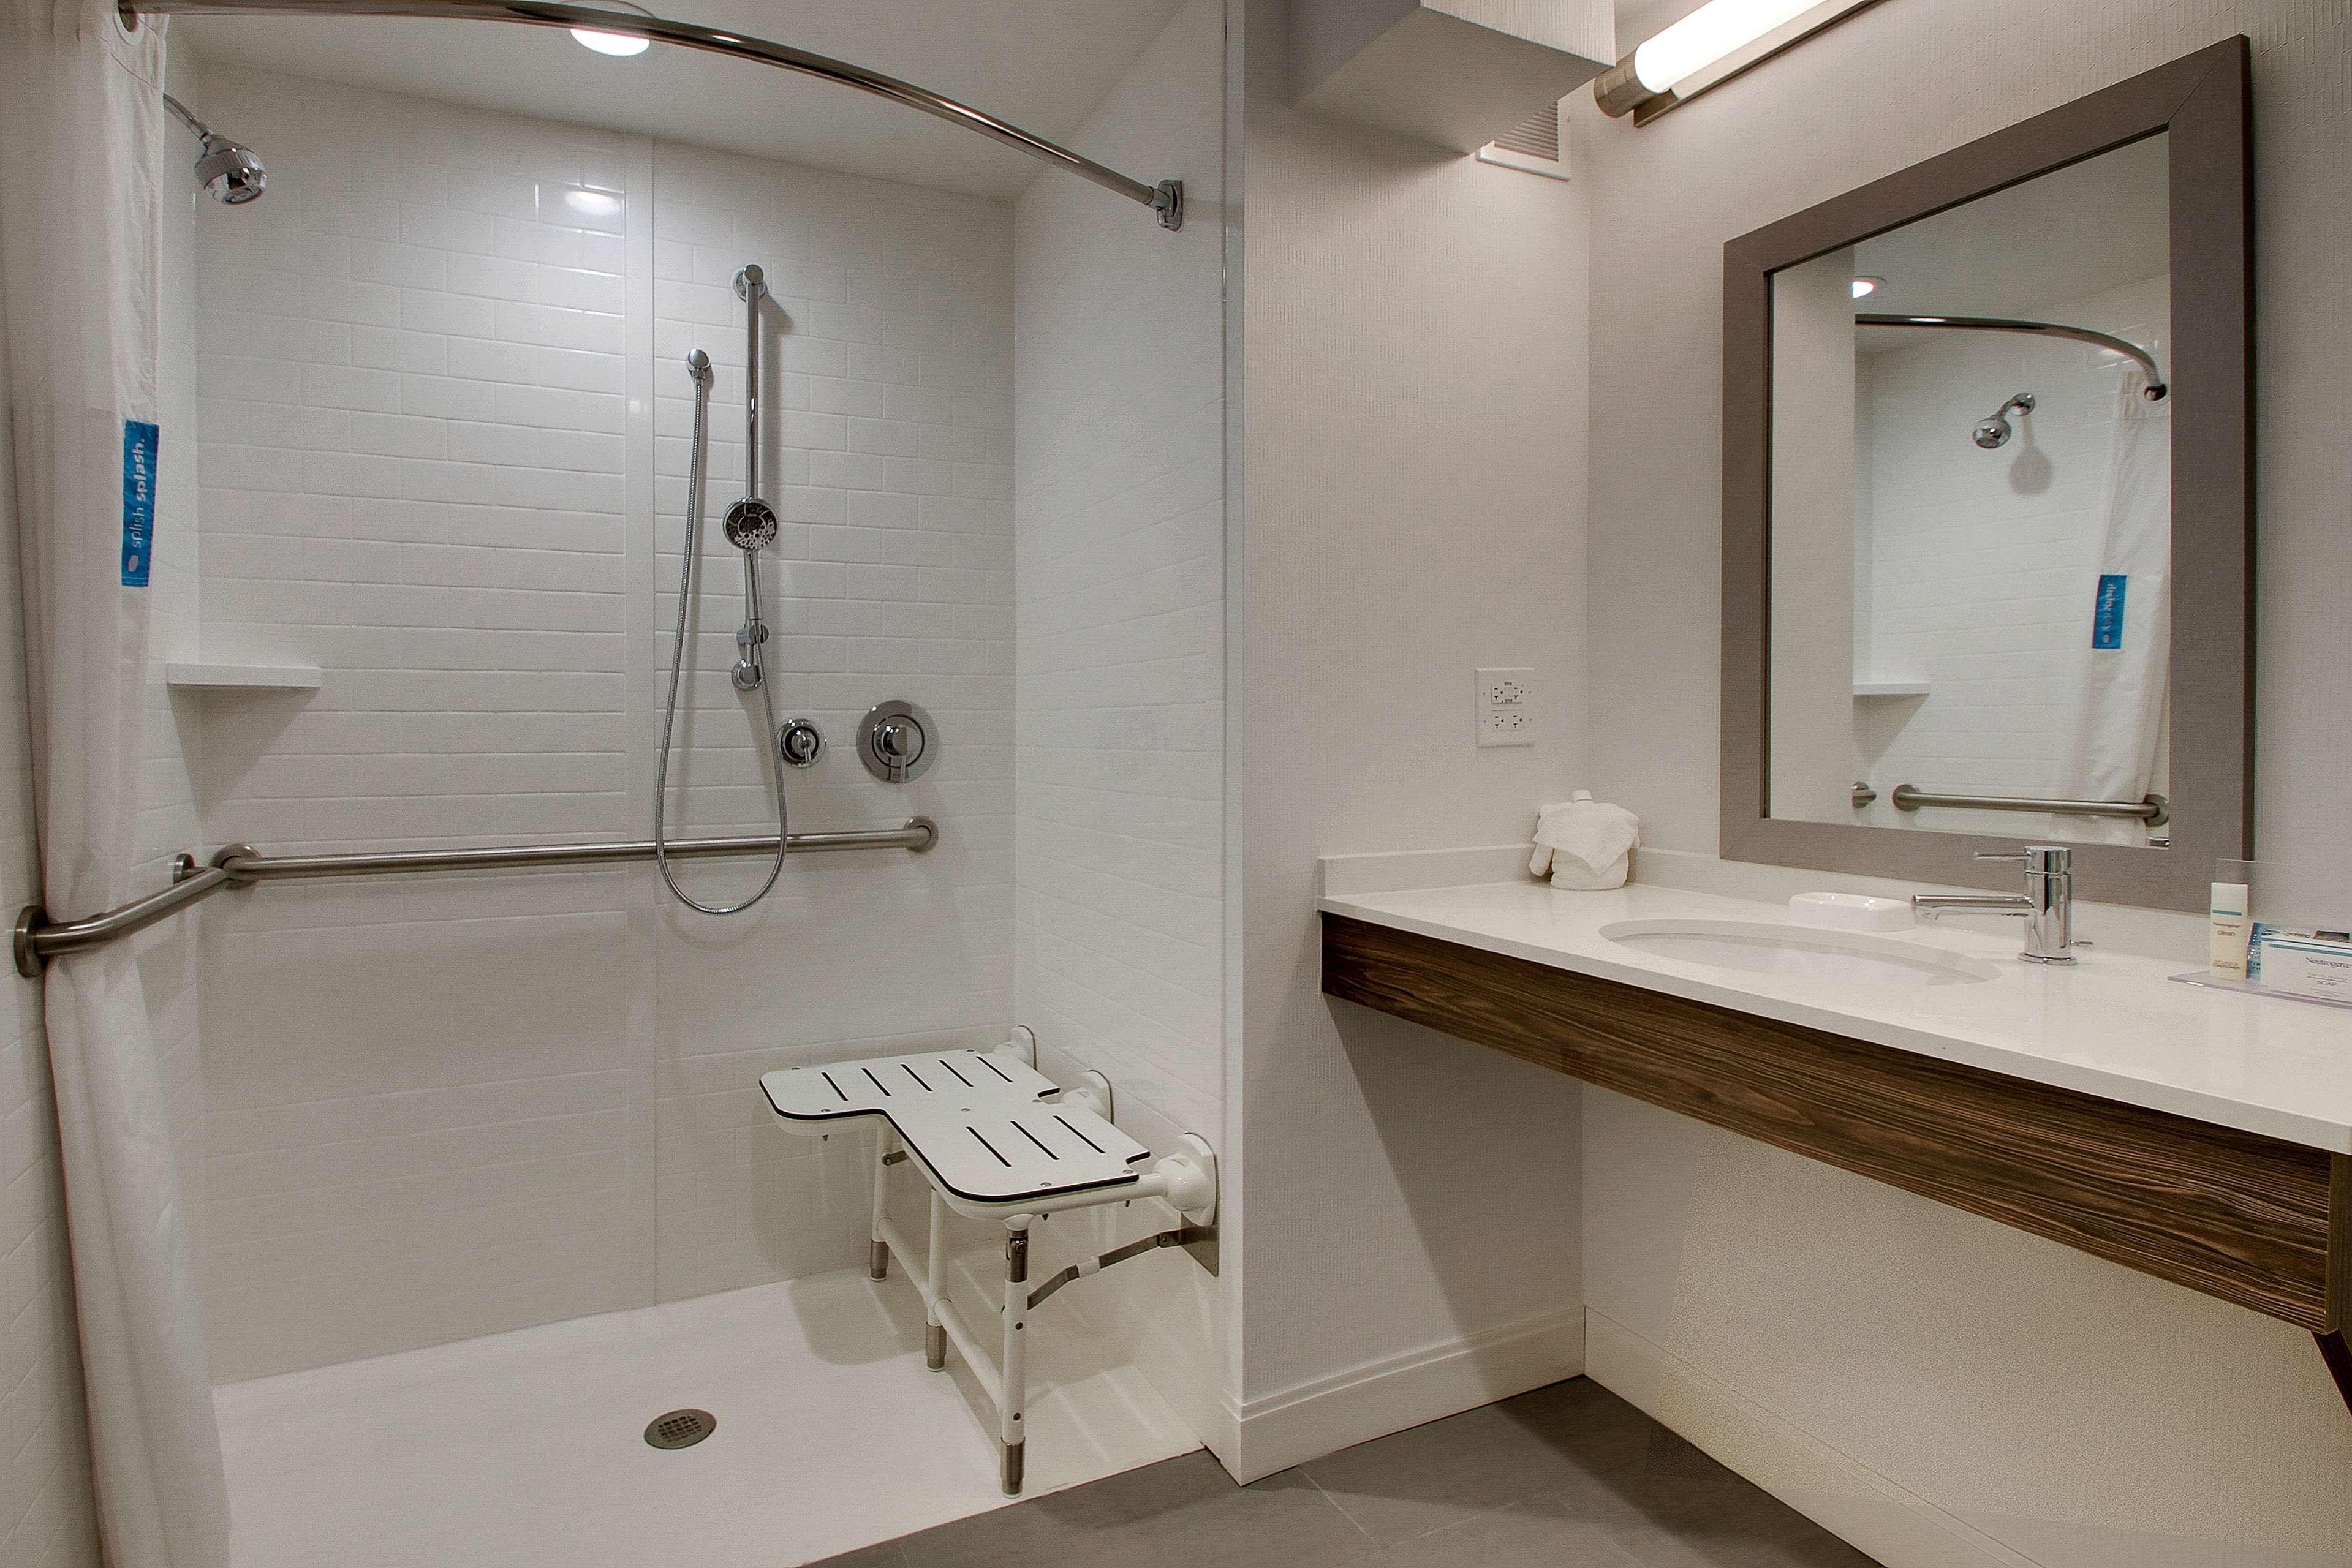 Hampton Inn & Suites Chicago/Aurora image 20